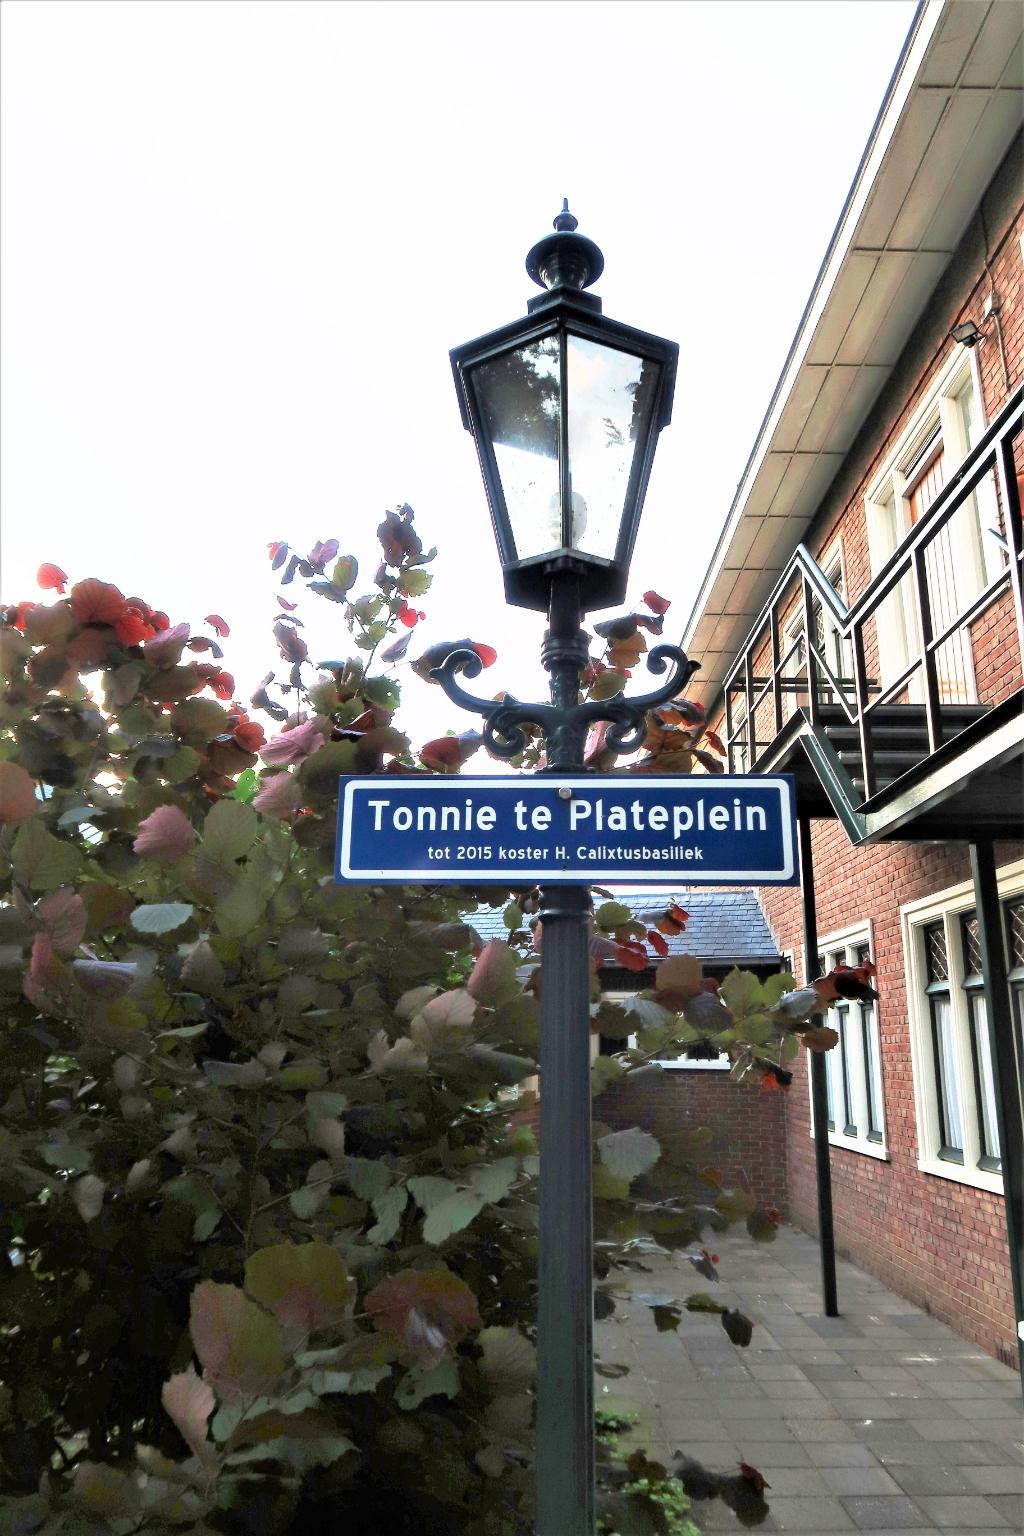 Het naambordje in de pastorietuin van de RK Calixtusbasiliek als gevolg van het 50-jarig dienstverband van Tonnie te Plate. Foto: Theo Huijskes  © Achterhoek Nieuws b.v.